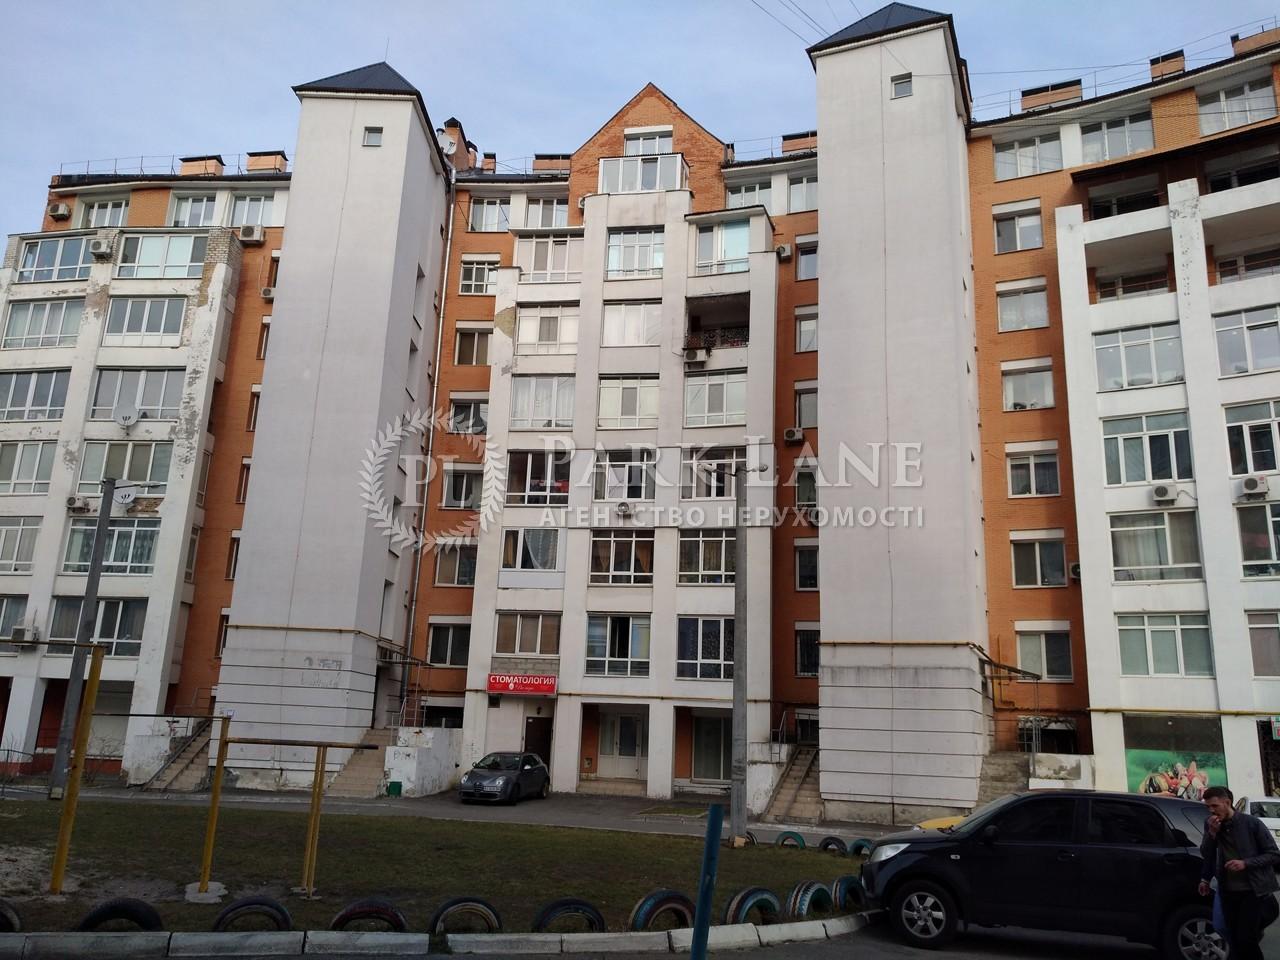 Квартира B-98439, Шкільна, 22б, Петропавлівська Борщагівка - Фото 2